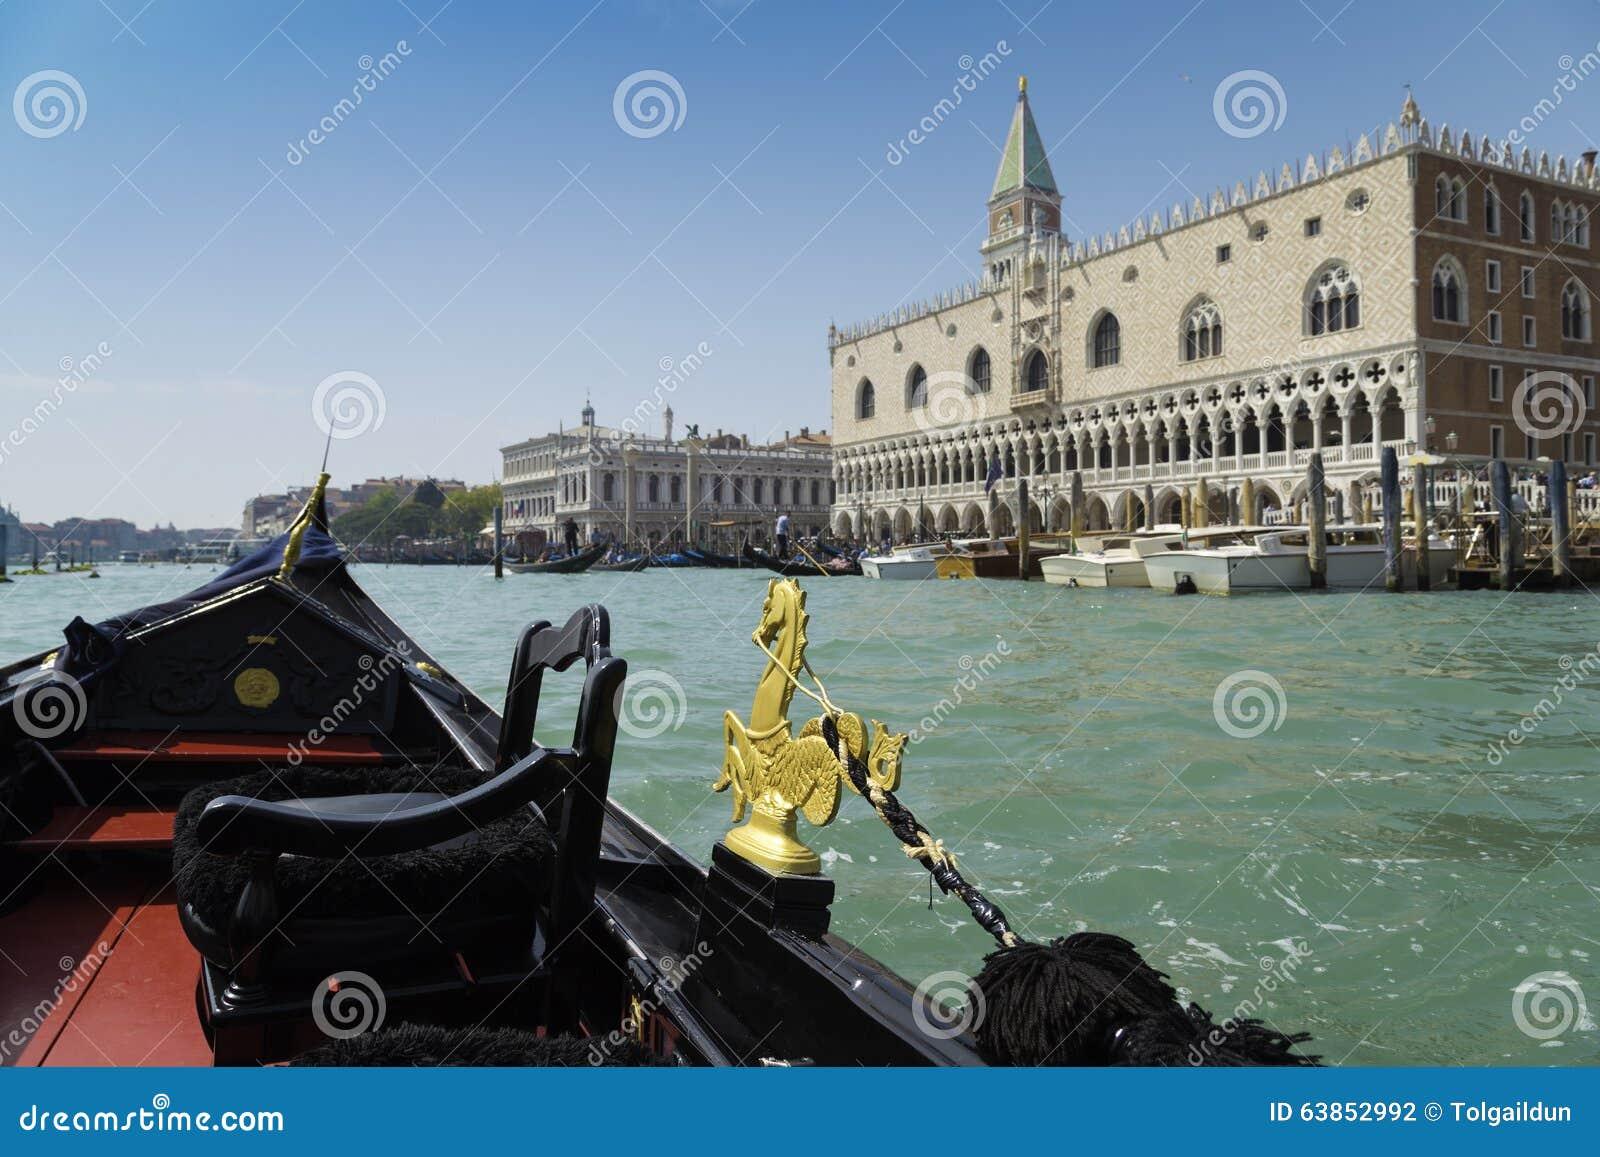 Άποψη από το ταξίδι γονδολών κατά τη διάρκεια του γύρου μέσω των καναλιών με το υπόβαθρο περιοχής SAN Marco στη Βενετία Ιταλία